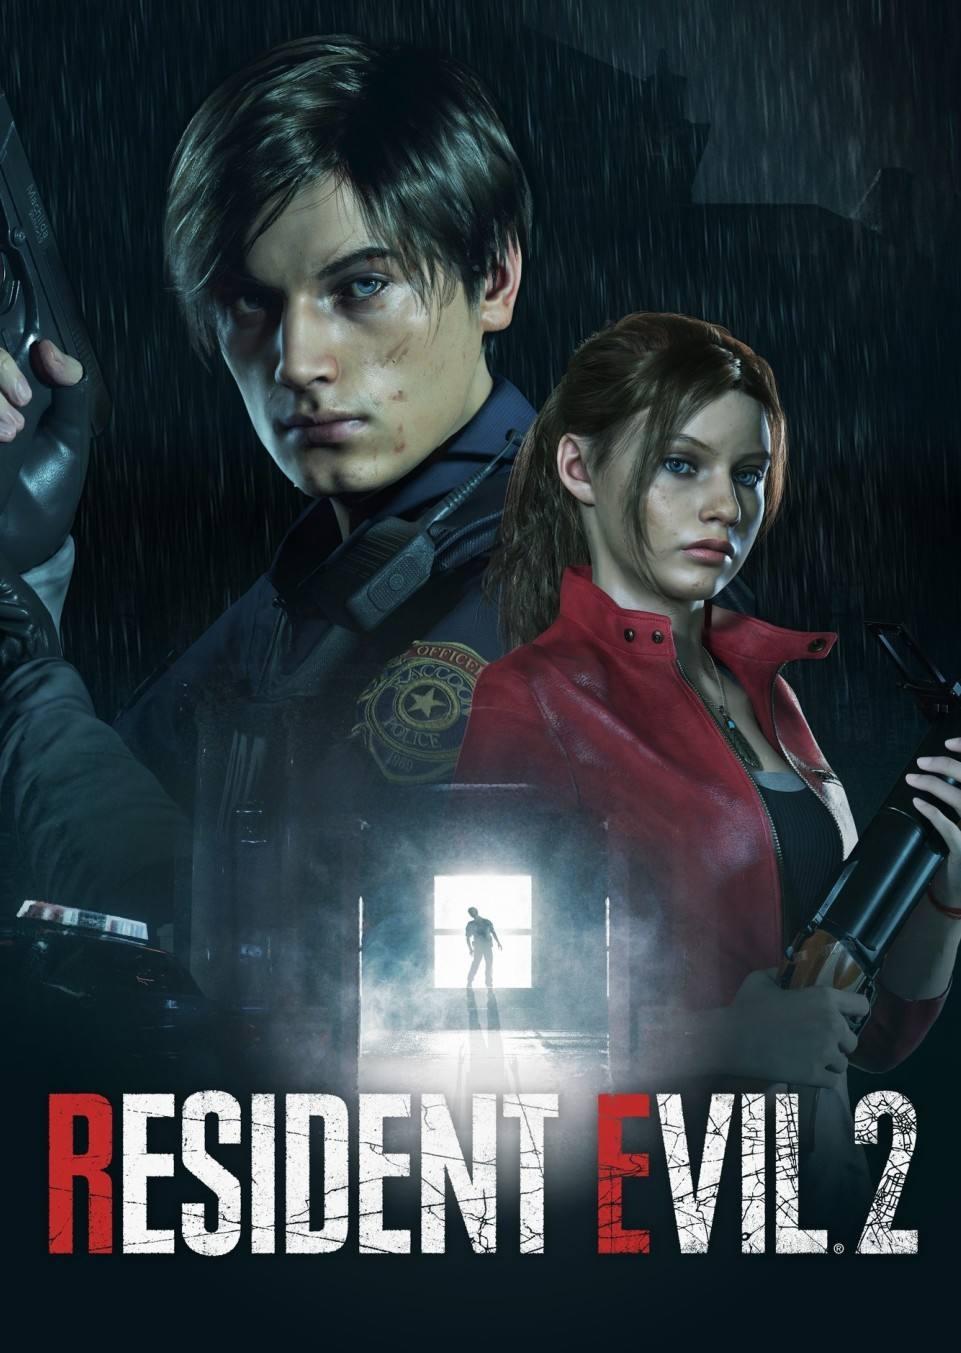 游戏《生化危机2 重制版》1月25日登陆PS4/XB1/PC平台,支持中文